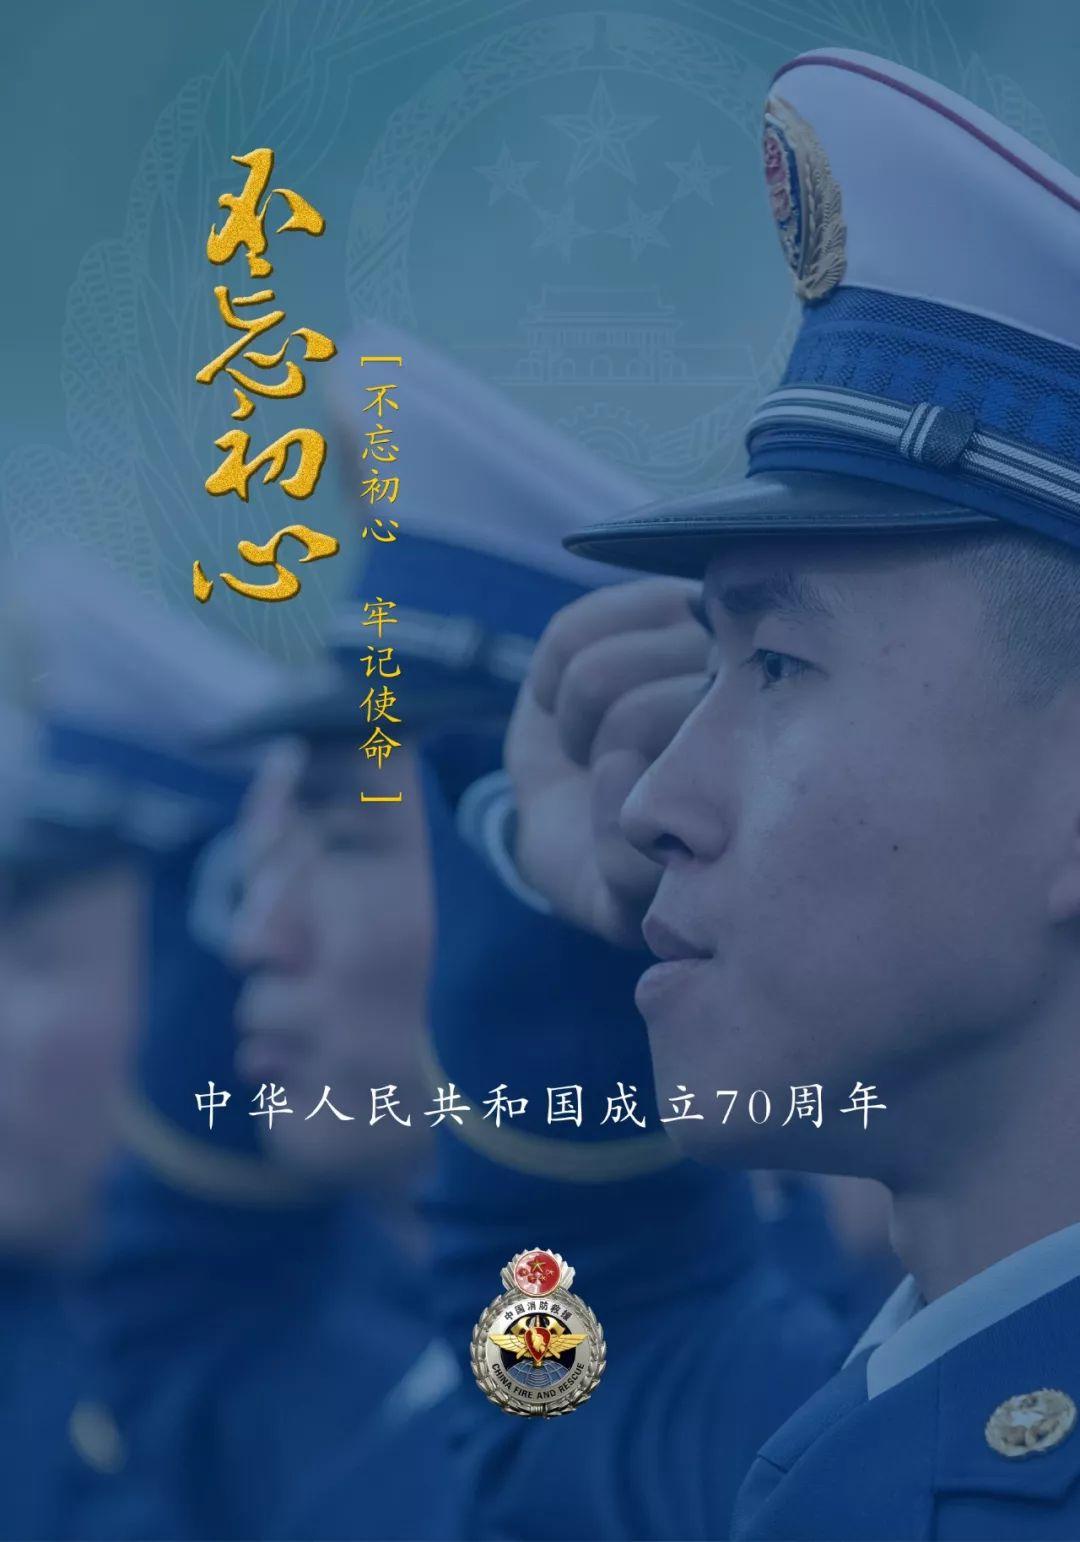 实现中华民族伟大复兴的中国梦比任何时期都来得真实和坚定.